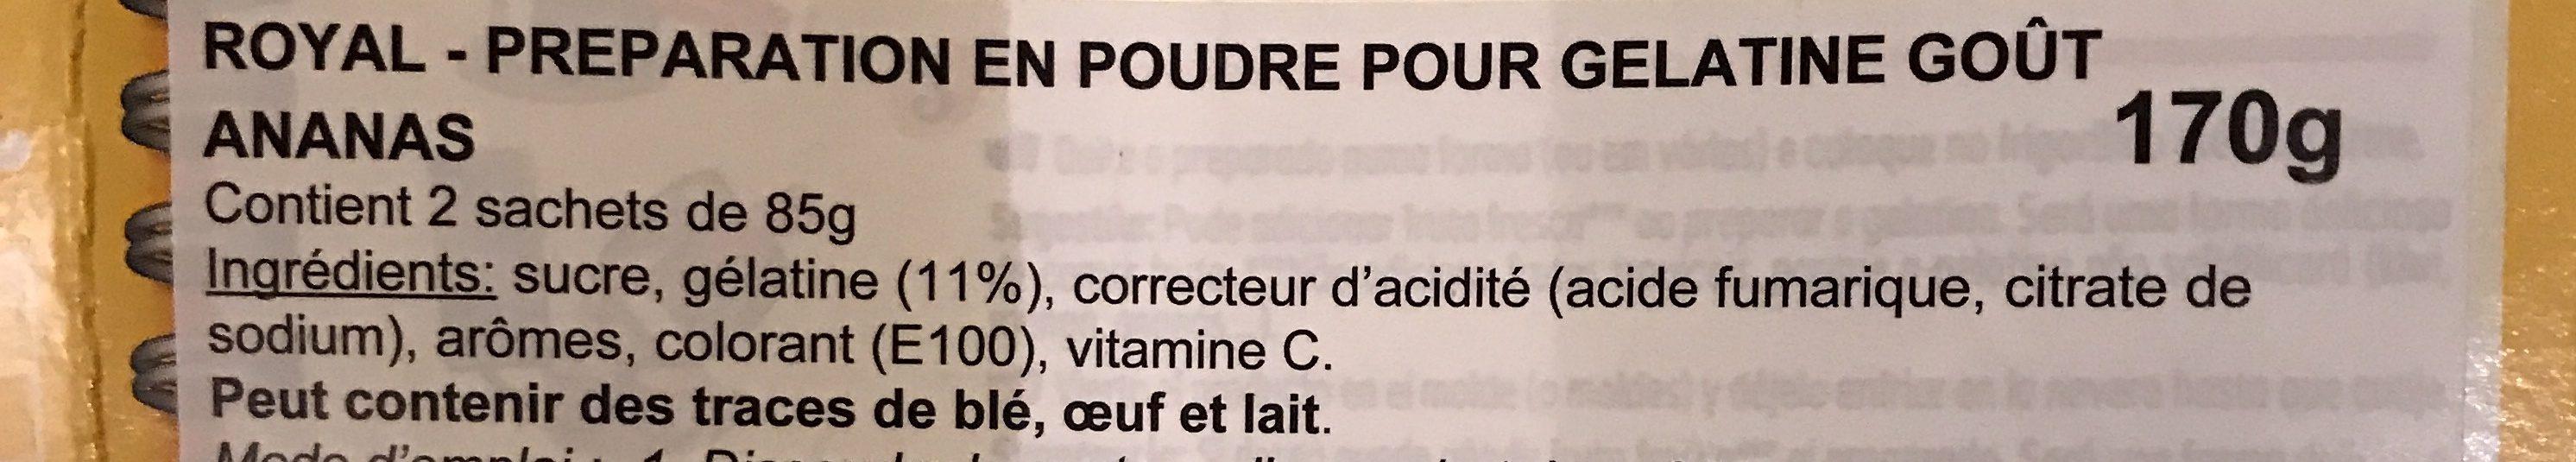 Gélatine saveur Ananas - Ingredientes - fr